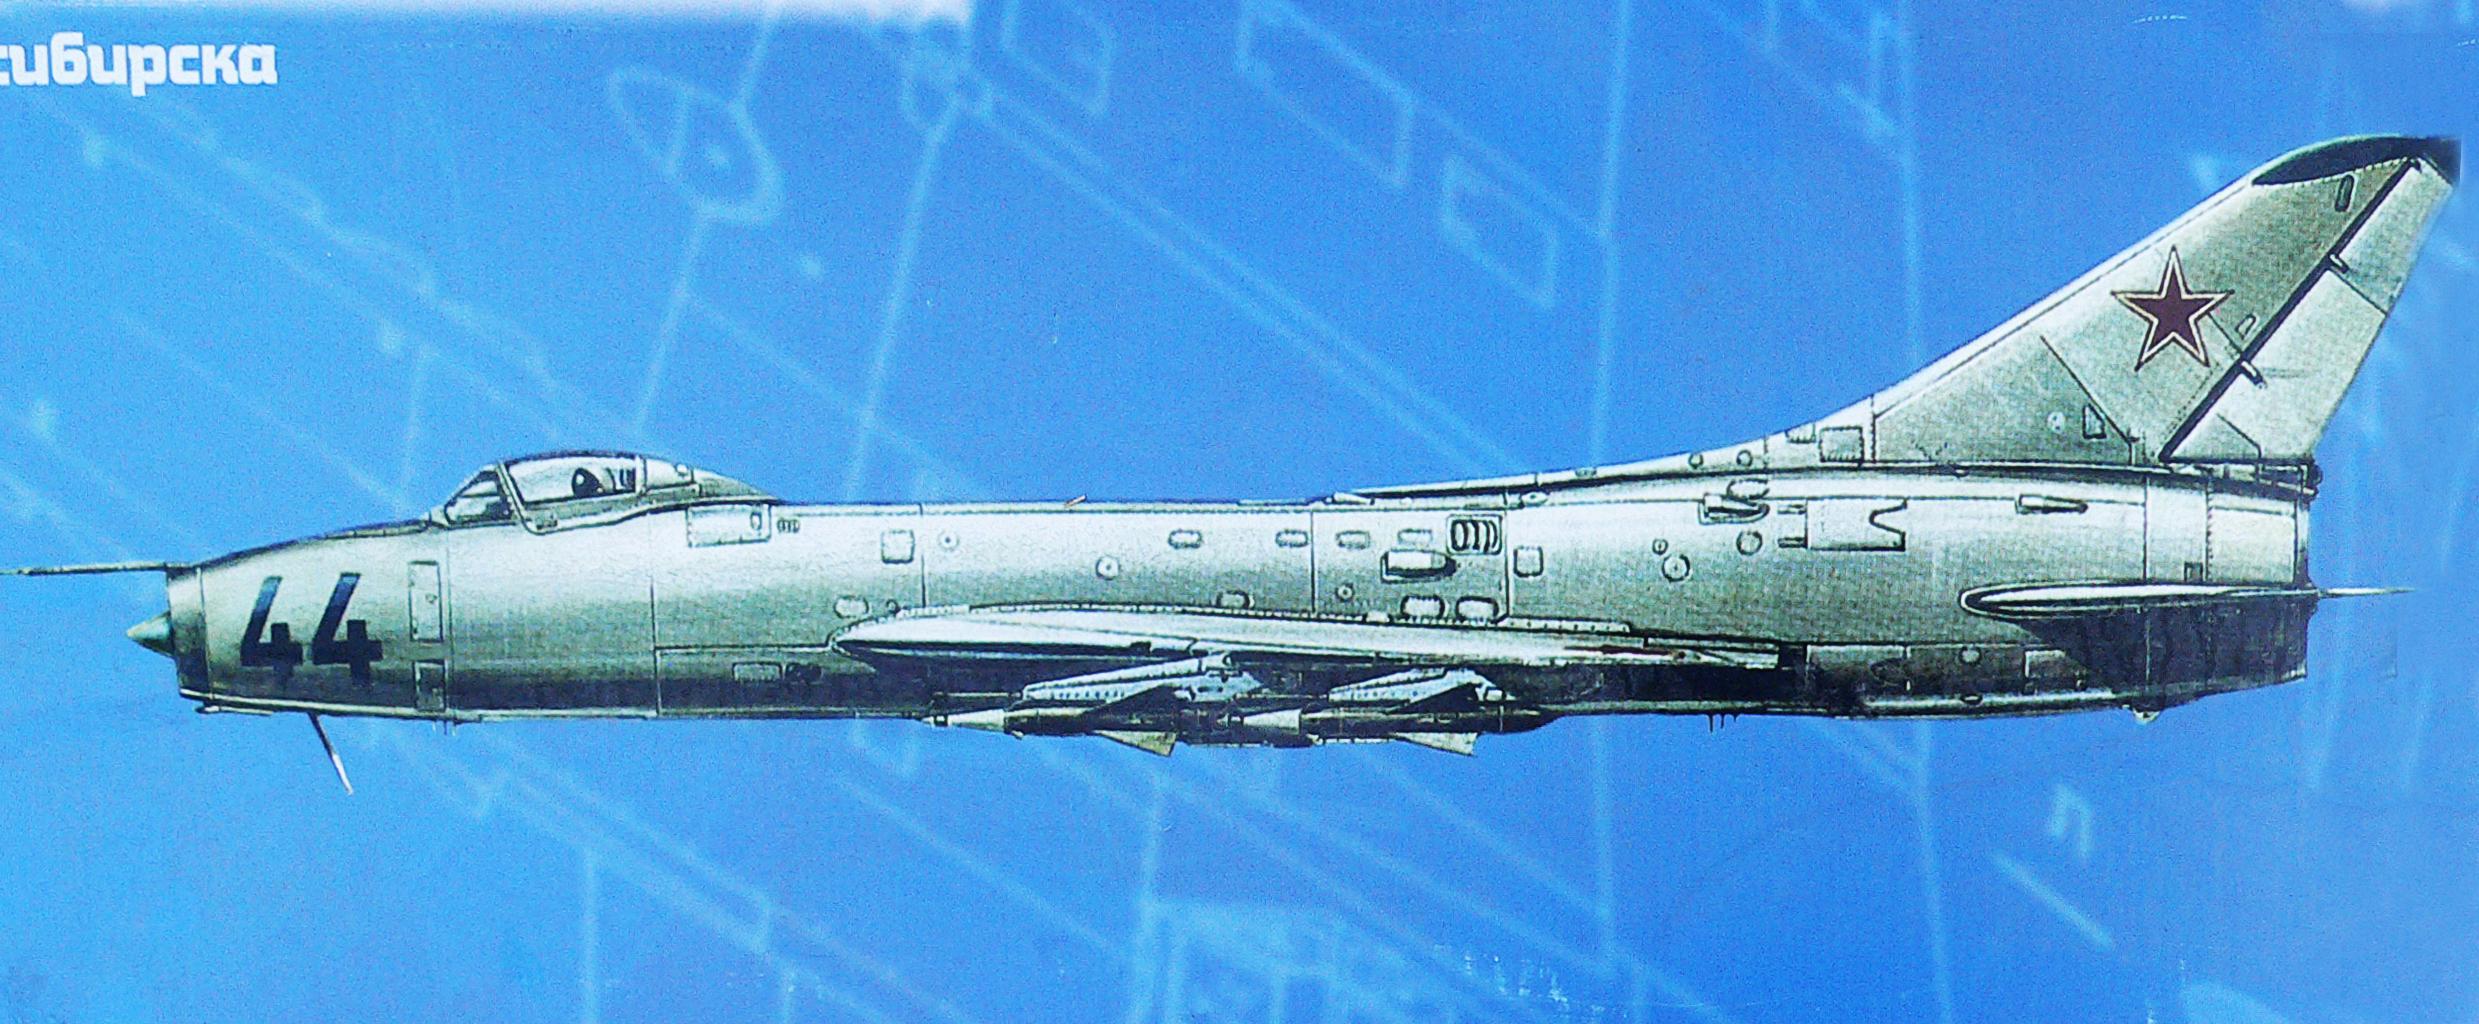 Фотография-советского-самолета-Су-9